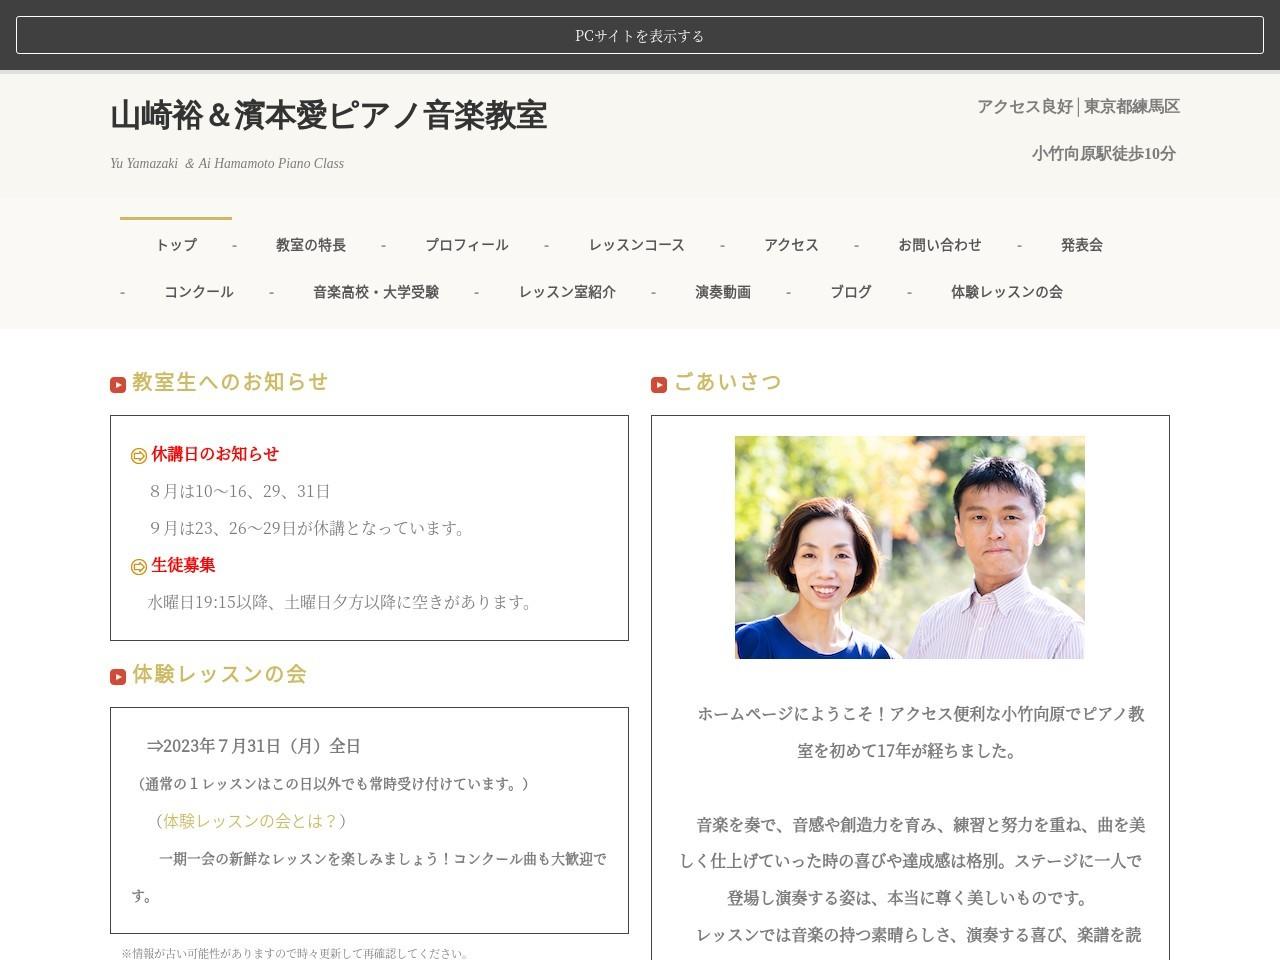 山崎裕&濱本愛ピアノ音楽教室(日立教室) のサムネイル